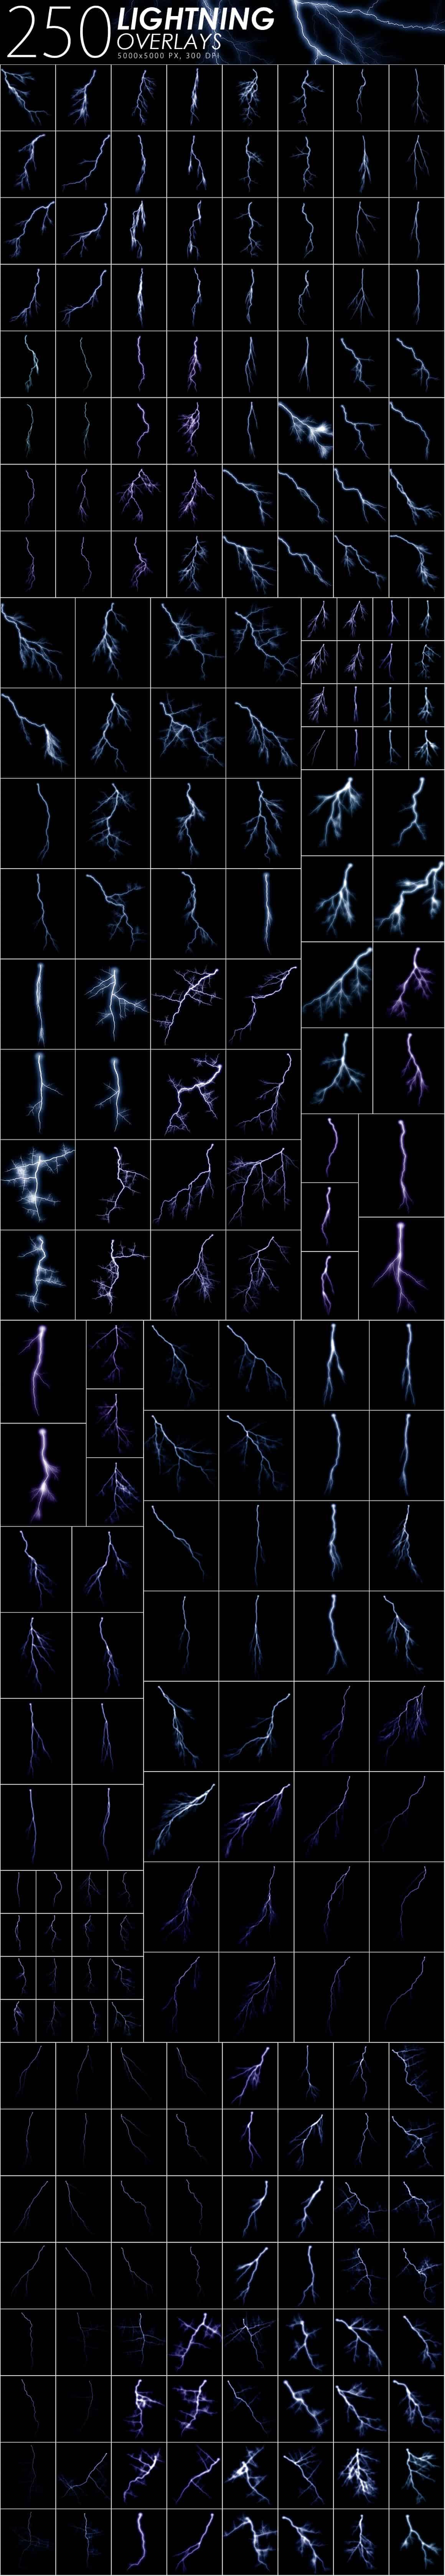 525 Overlays: Rain, Snow, Lightning - just $15 - lightning prev min